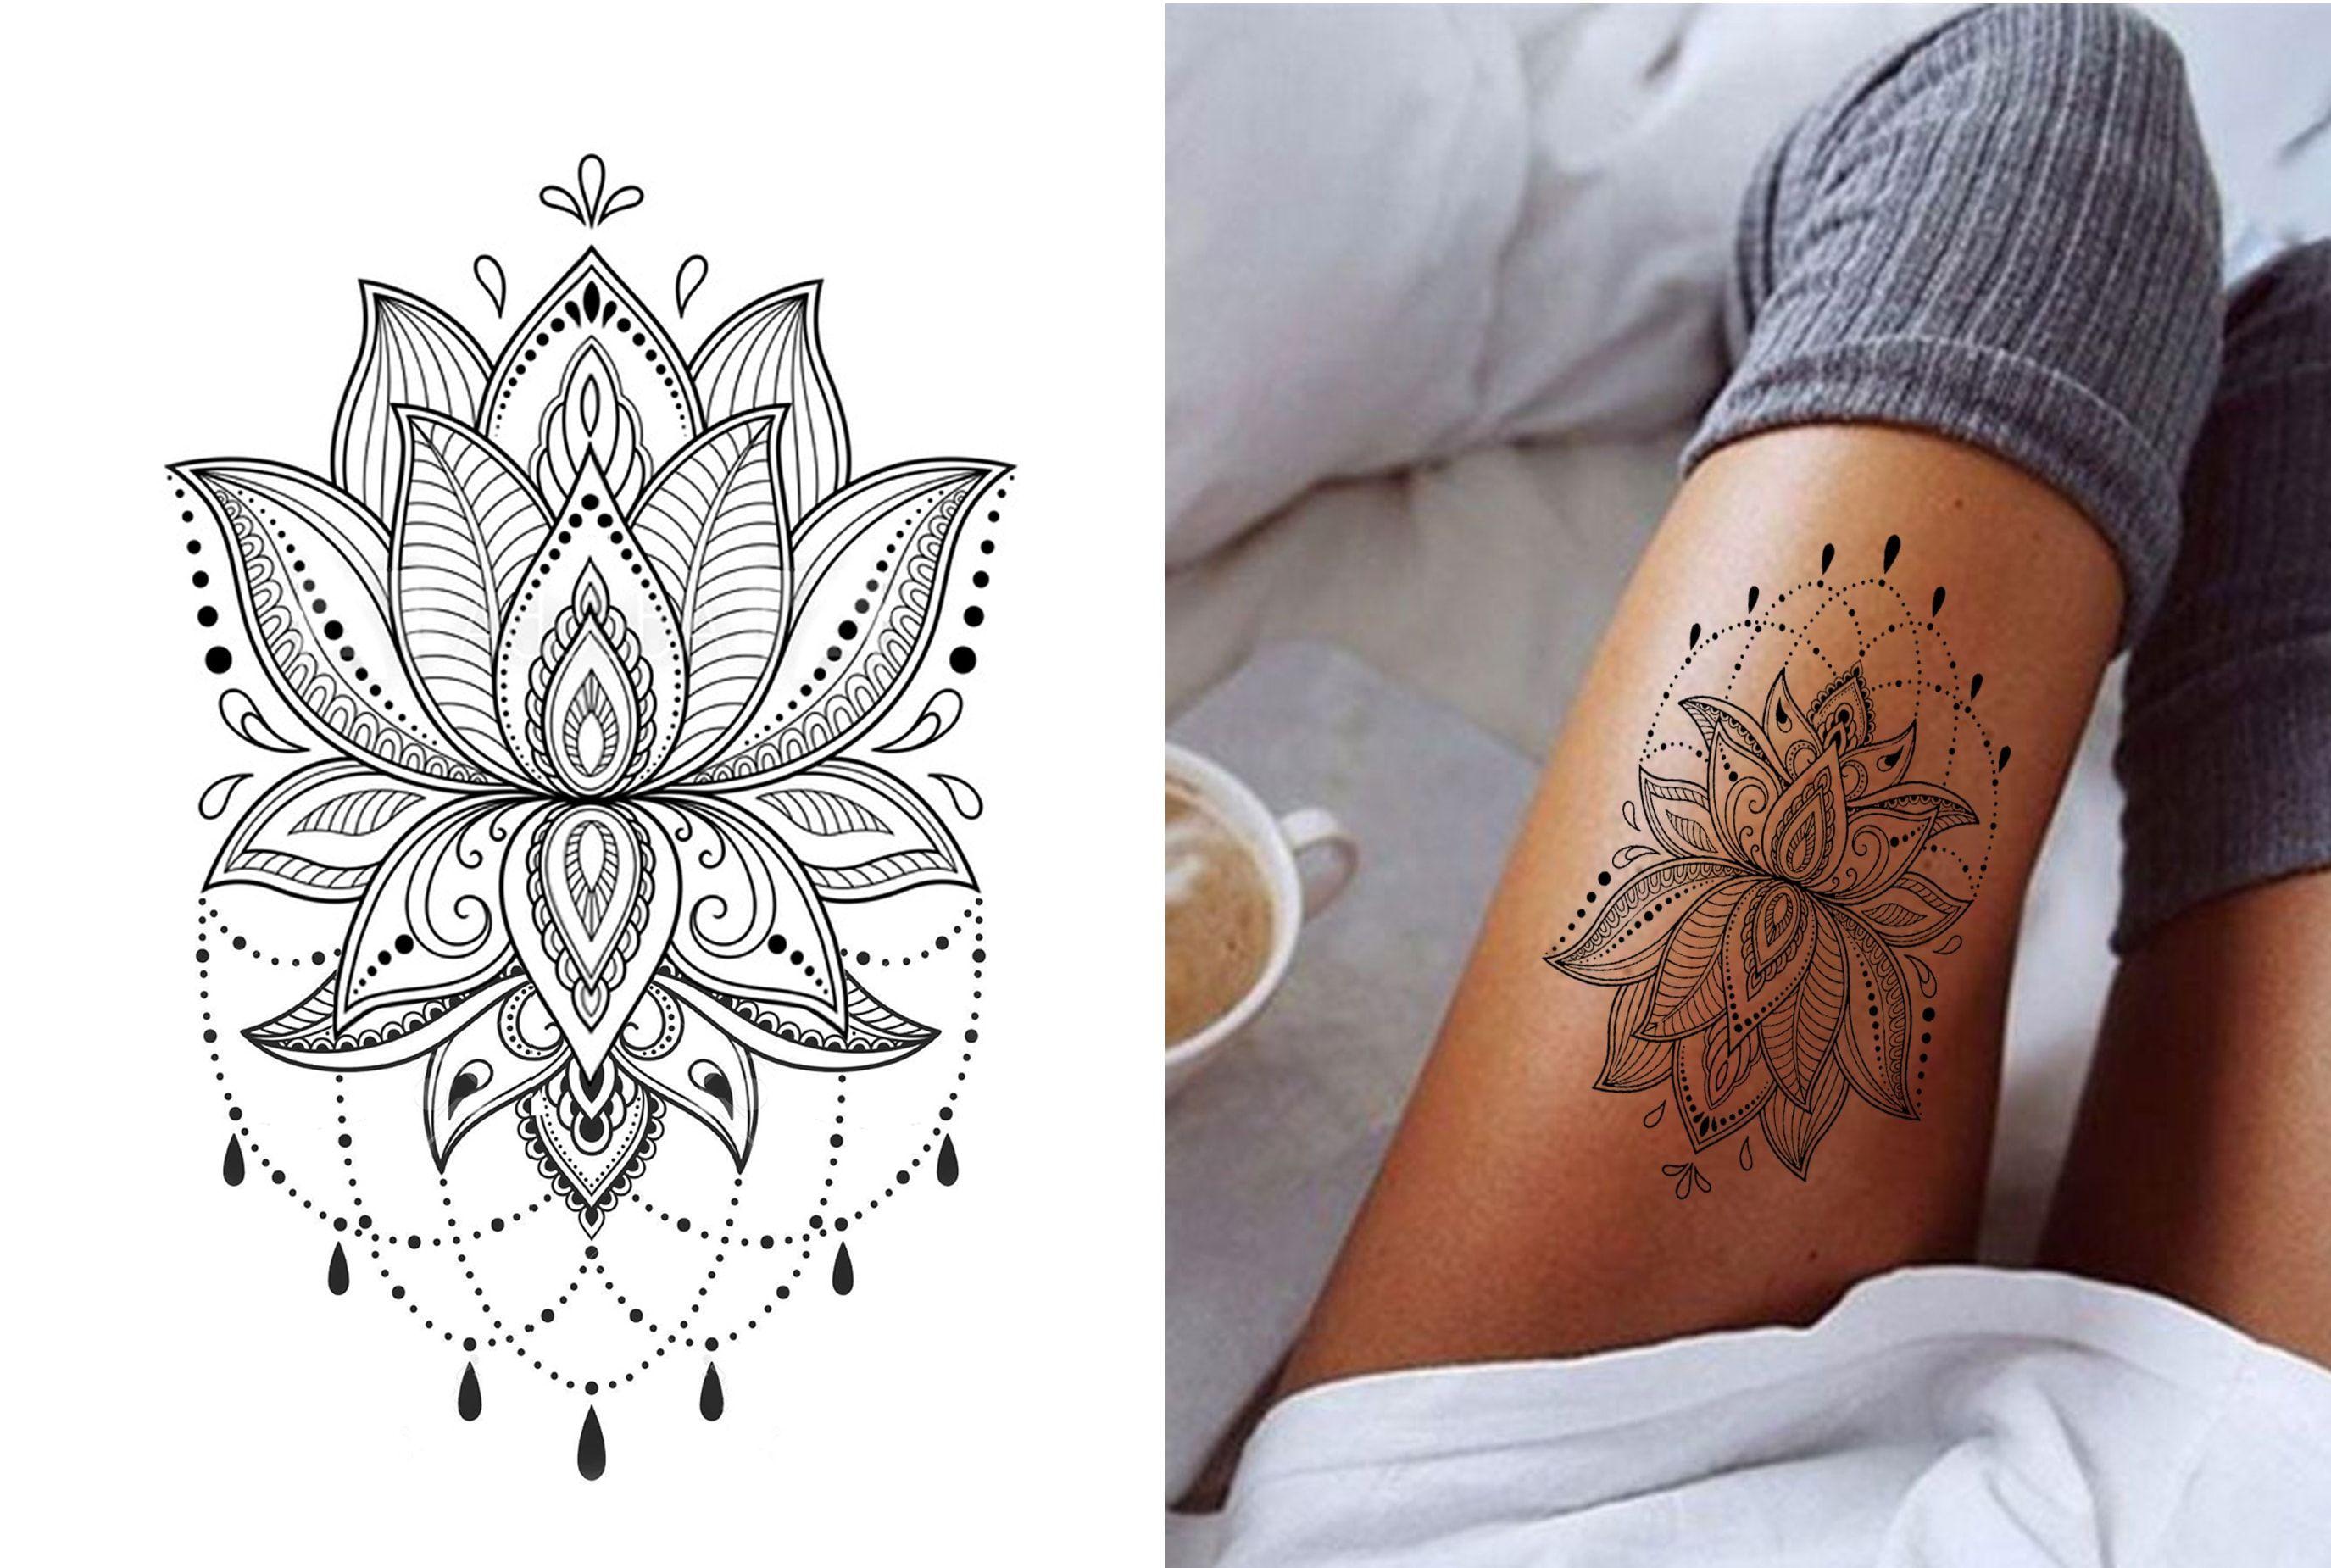 I Will Create Tattoo Design For You In 2020 Unique Tattoo Designs Unique Tattoos Traditional Tattoo Design